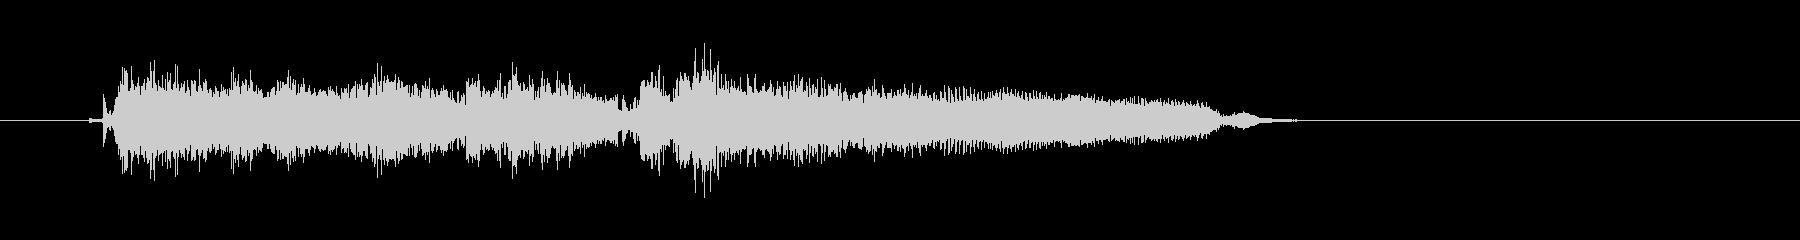 【生音】クリーンギターのロック系ジングルの未再生の波形